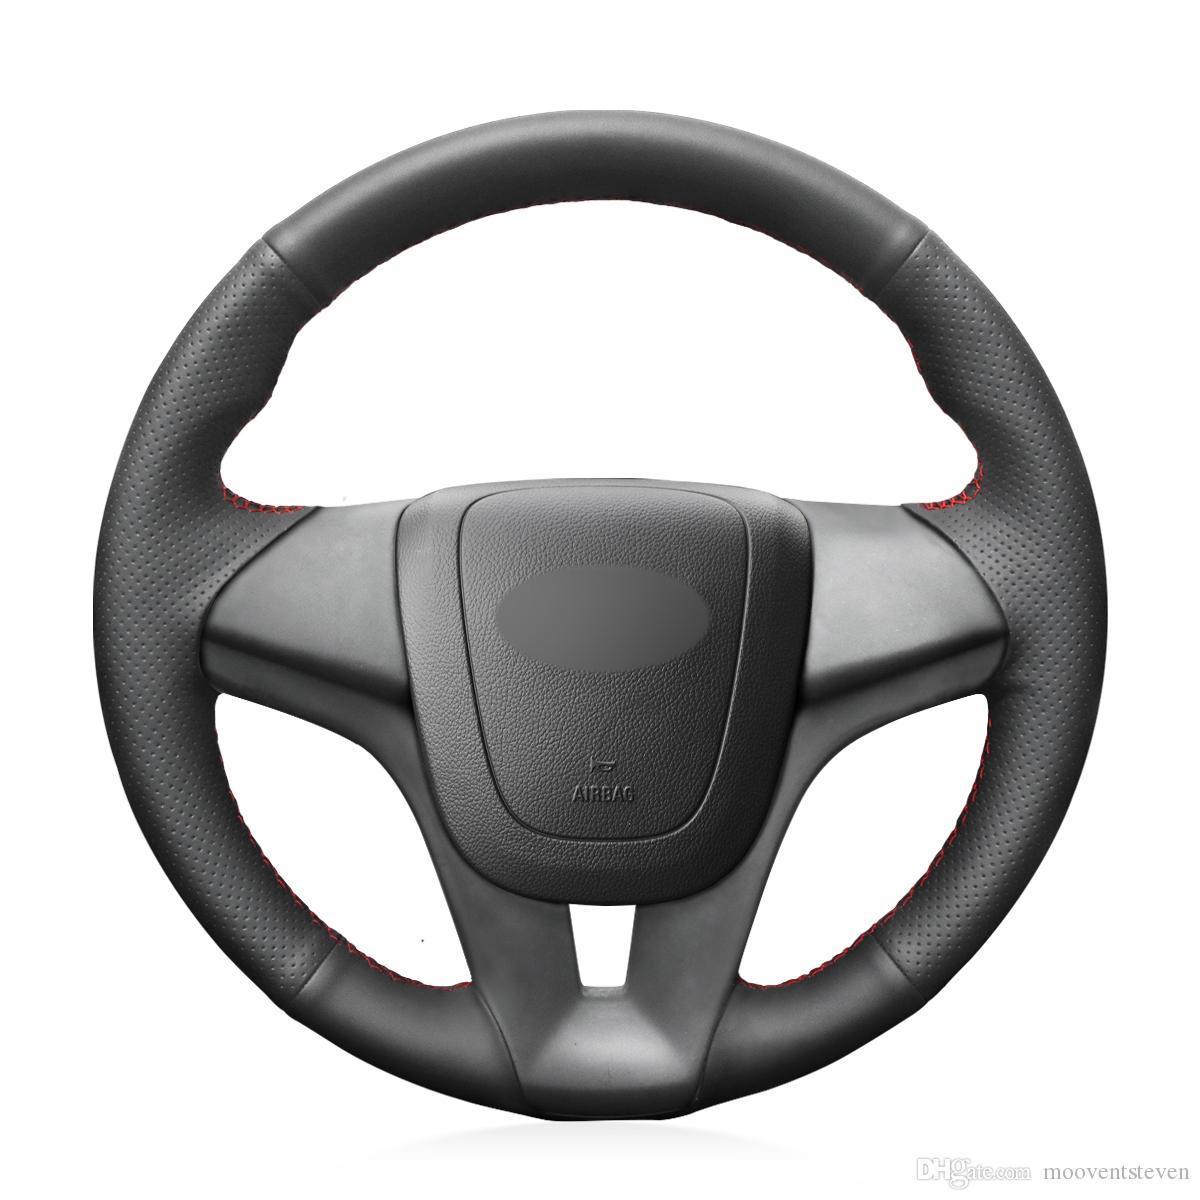 Mewant Siyah Hakiki Deri Araba Direksiyon Kapağı Chevrolet Cruze 2009-2014 Aveo 2011-2014 Holden Cruze 2010